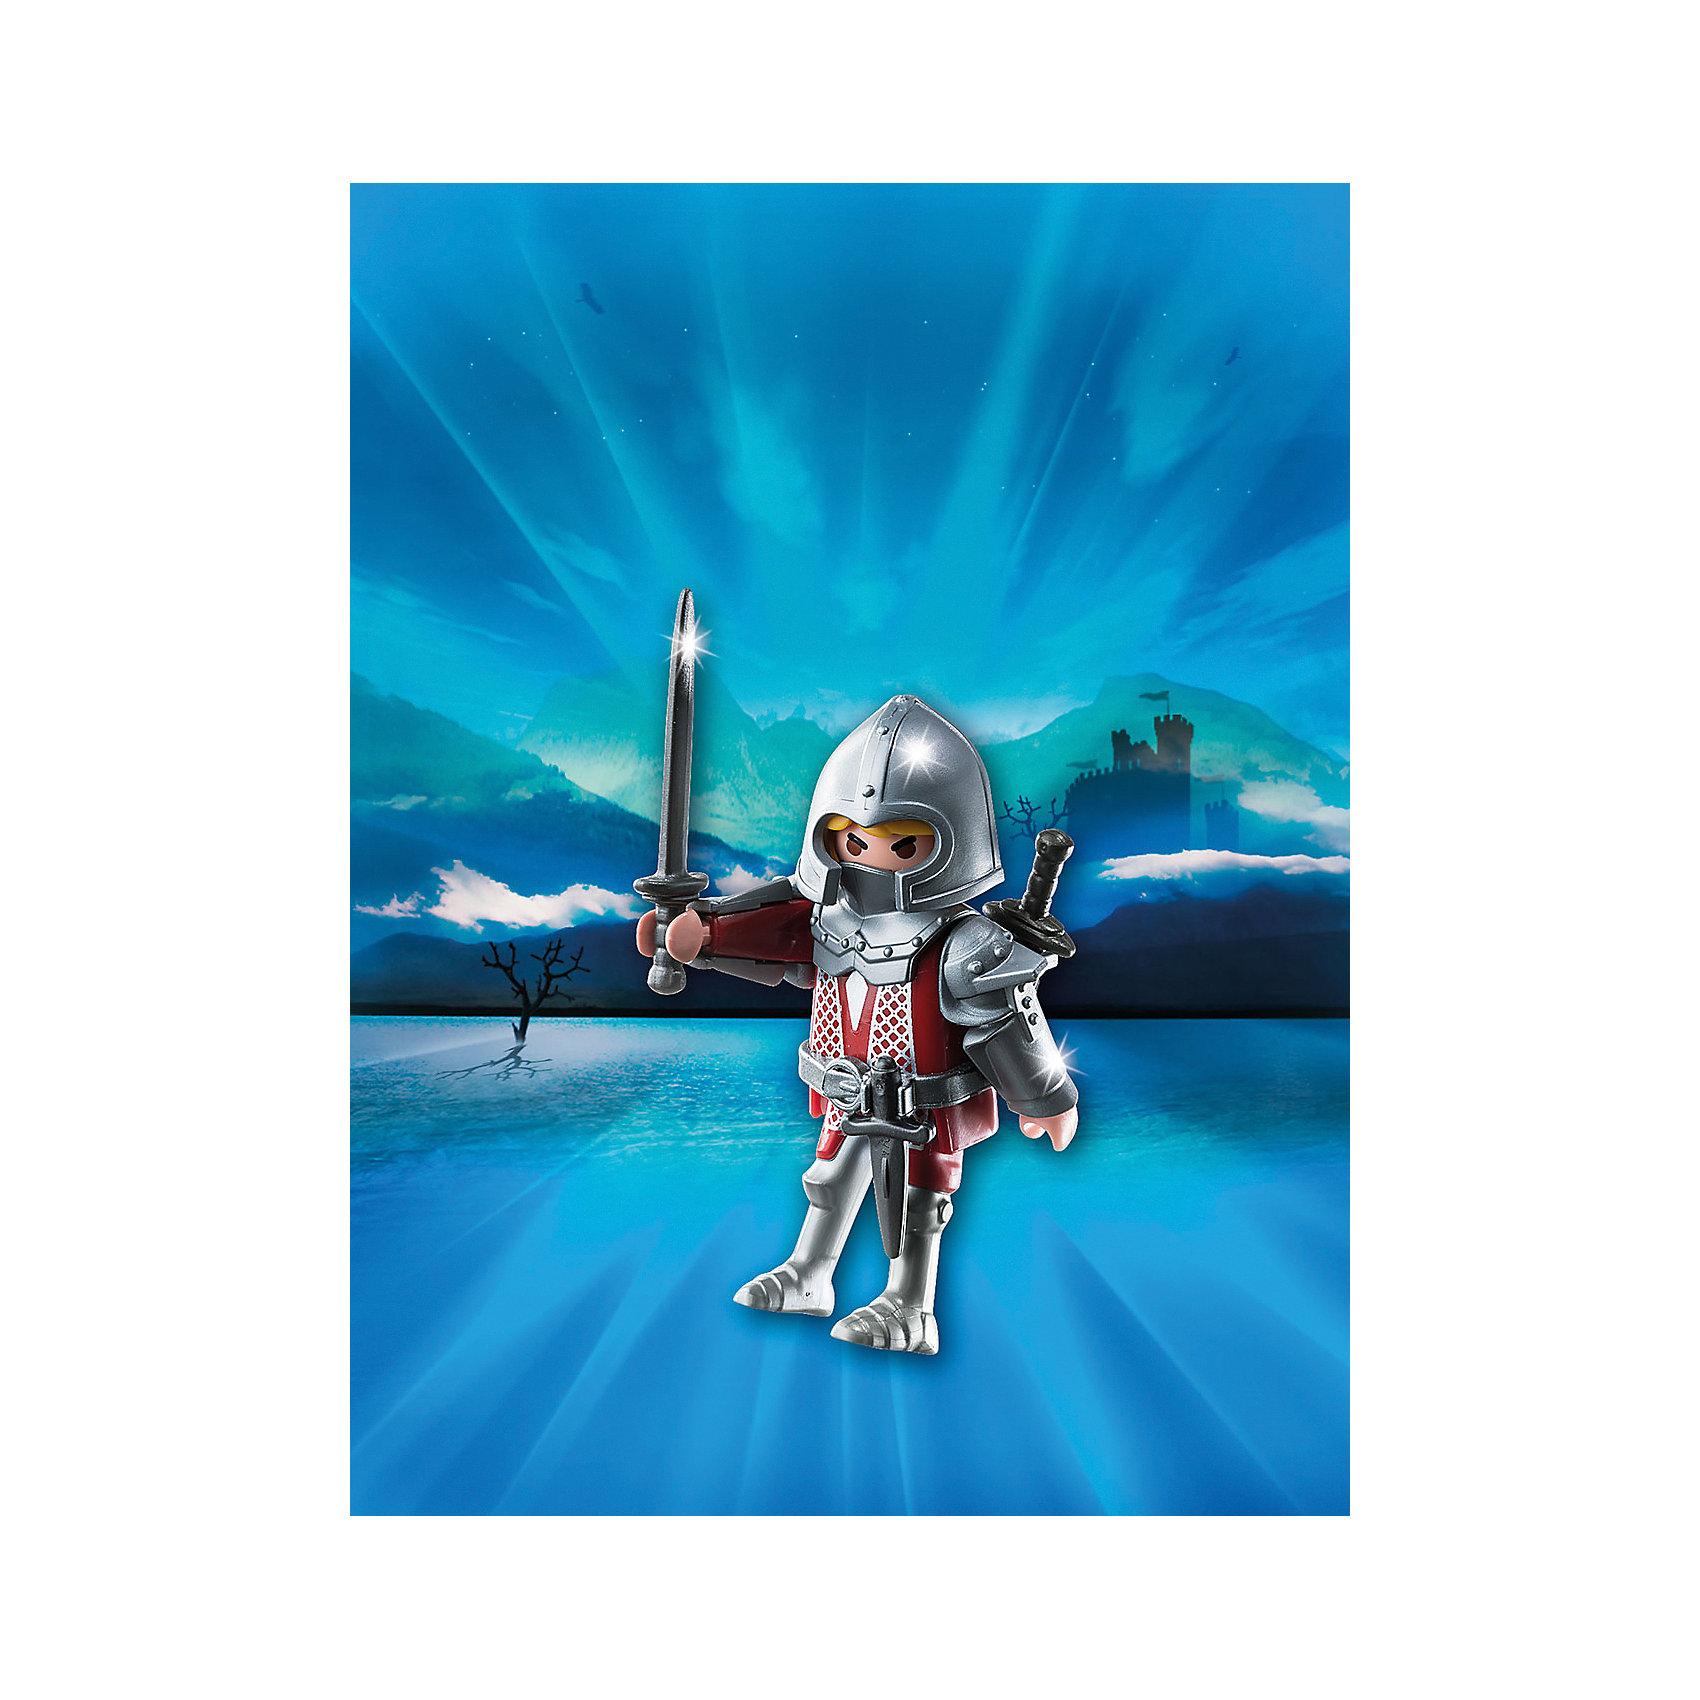 Друзья: Железный рыцарь, PLAYMOBILПластмассовые конструкторы<br>В наборе - Железный рыцарь в доспехах и с оружием. Фигурка имеет подвижные конечности, в руки можно вложить различные предметы. Все детали прекрасно проработаны и выполнены из высококачественного экологичного пластика безопасного для детей. <br><br>Дополнительная информация:<br><br>- 1 фигурка.<br>- Комплектация: 1 фигурка, аксессуары.<br>- Материал: пластик.<br>- Высота фигурки: 7,5 см.<br>- Голова, руки, ноги у фигурки подвижные.<br><br>Набор Друзья: Железный рыцарь, PLAYMOBIL (Плеймобил), можно купить в нашем магазине.<br><br>Ширина мм: 156<br>Глубина мм: 118<br>Высота мм: 36<br>Вес г: 34<br>Возраст от месяцев: 48<br>Возраст до месяцев: 120<br>Пол: Мужской<br>Возраст: Детский<br>SKU: 4260573